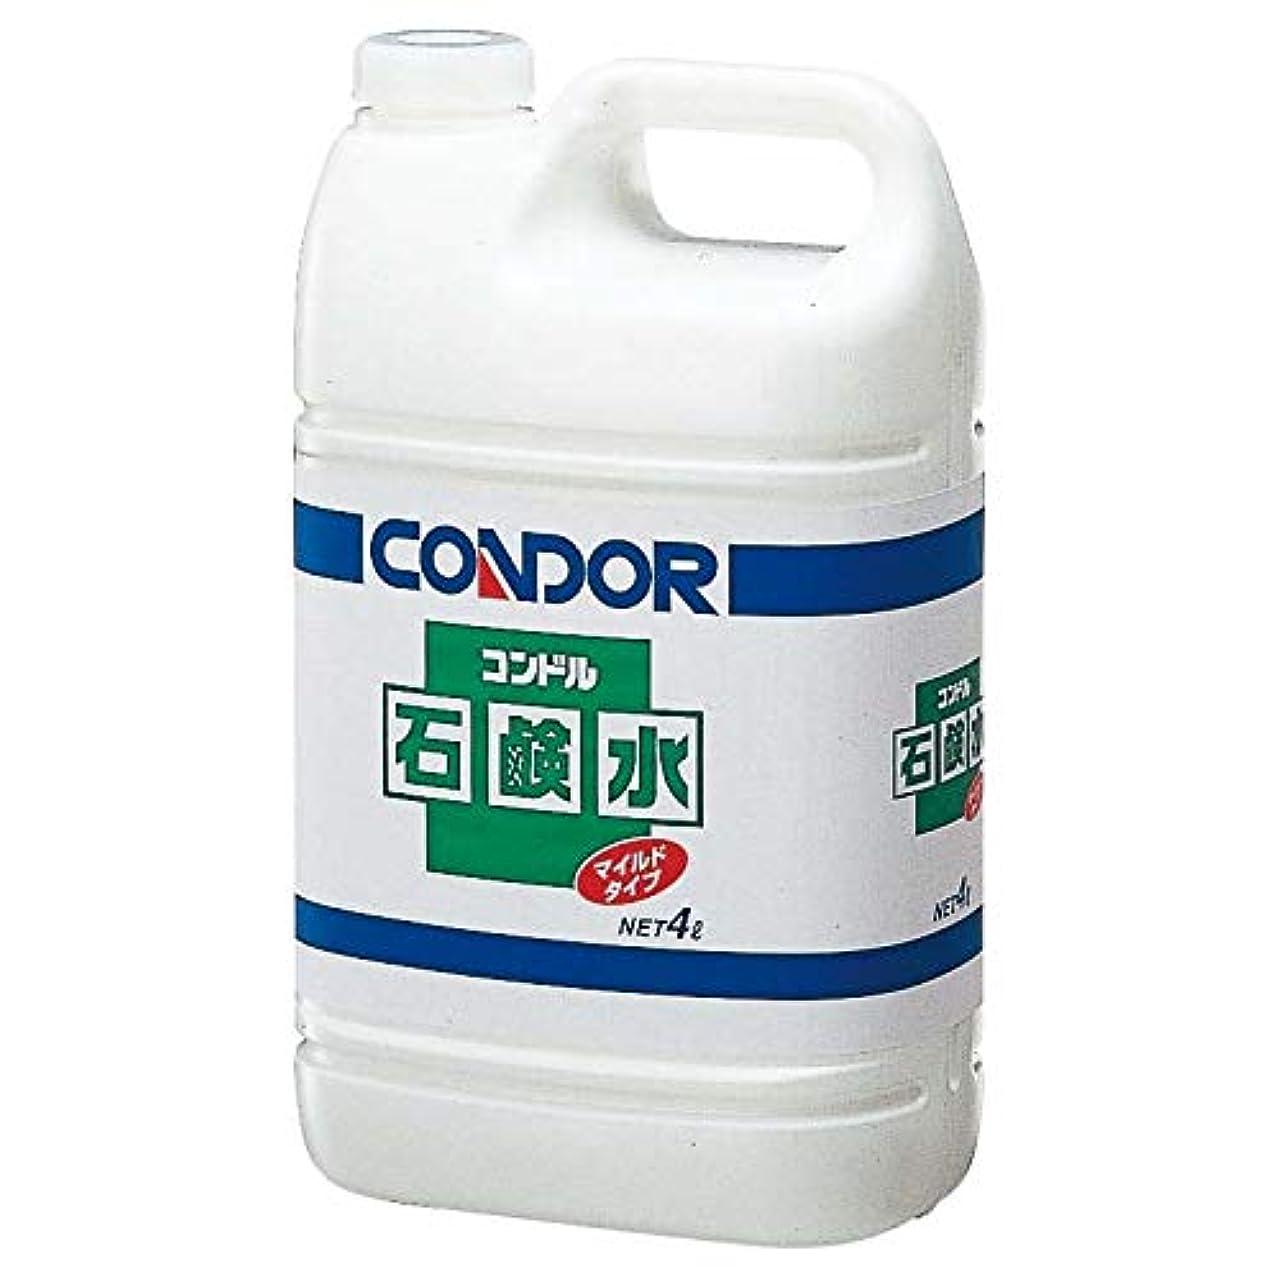 疑問に思う前文いつか【清潔キレイ館】コンドル 石鹸水(4L)